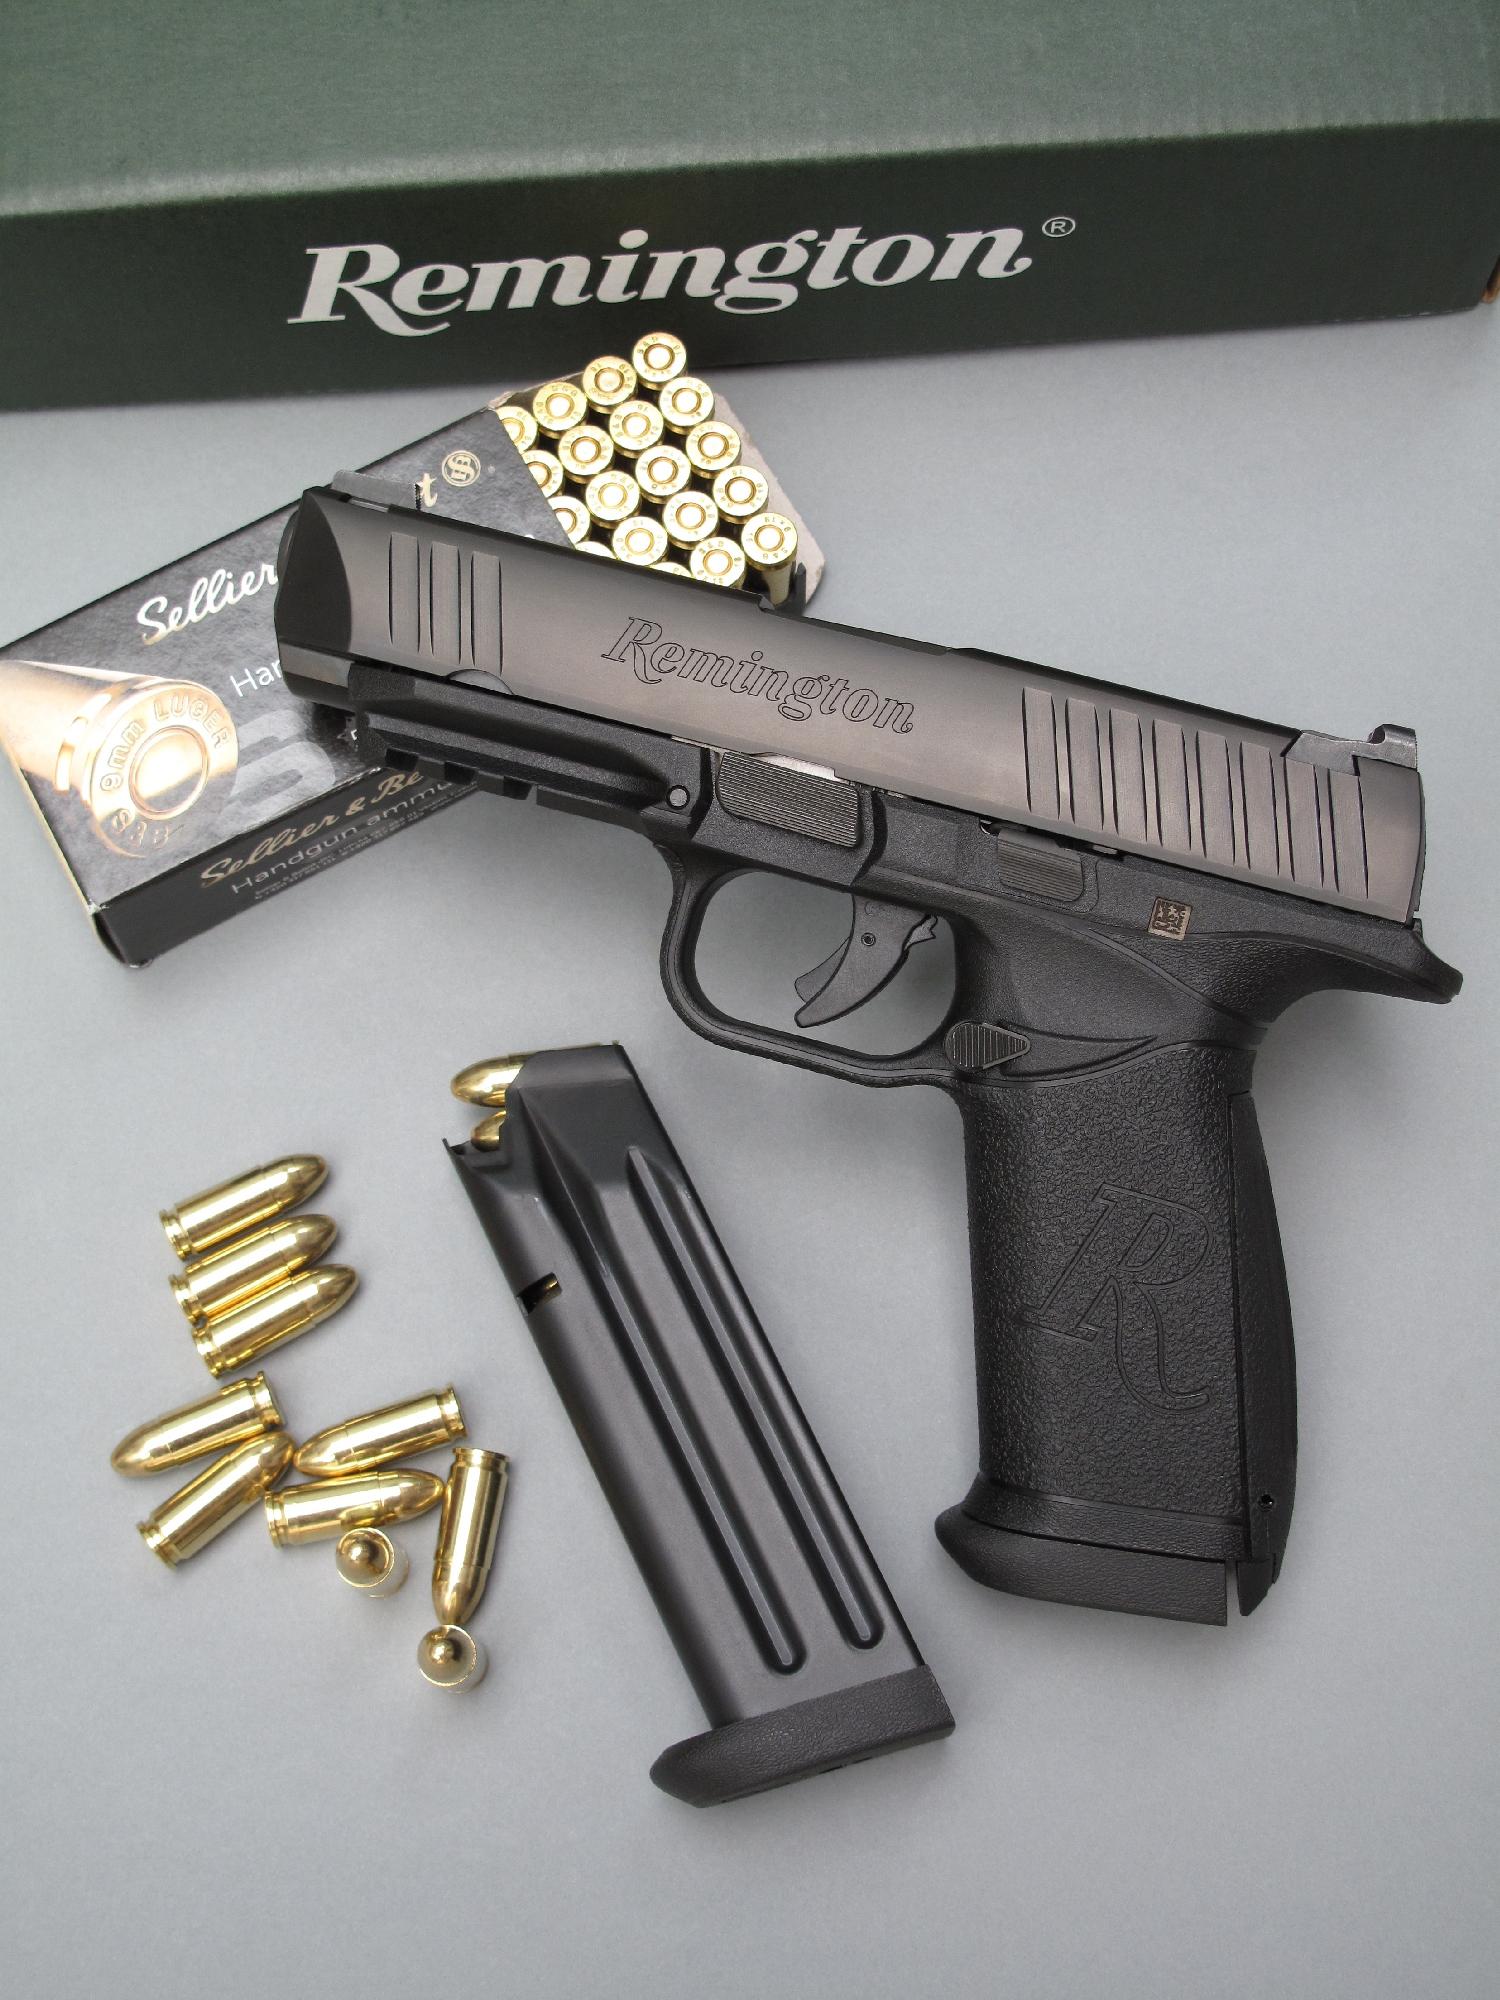 Le Remington RP9 est accompagné ici par son chargeur de secours et par une boîte de munitions Sellier & Bellot à balles blindées round nose de 124 grains.